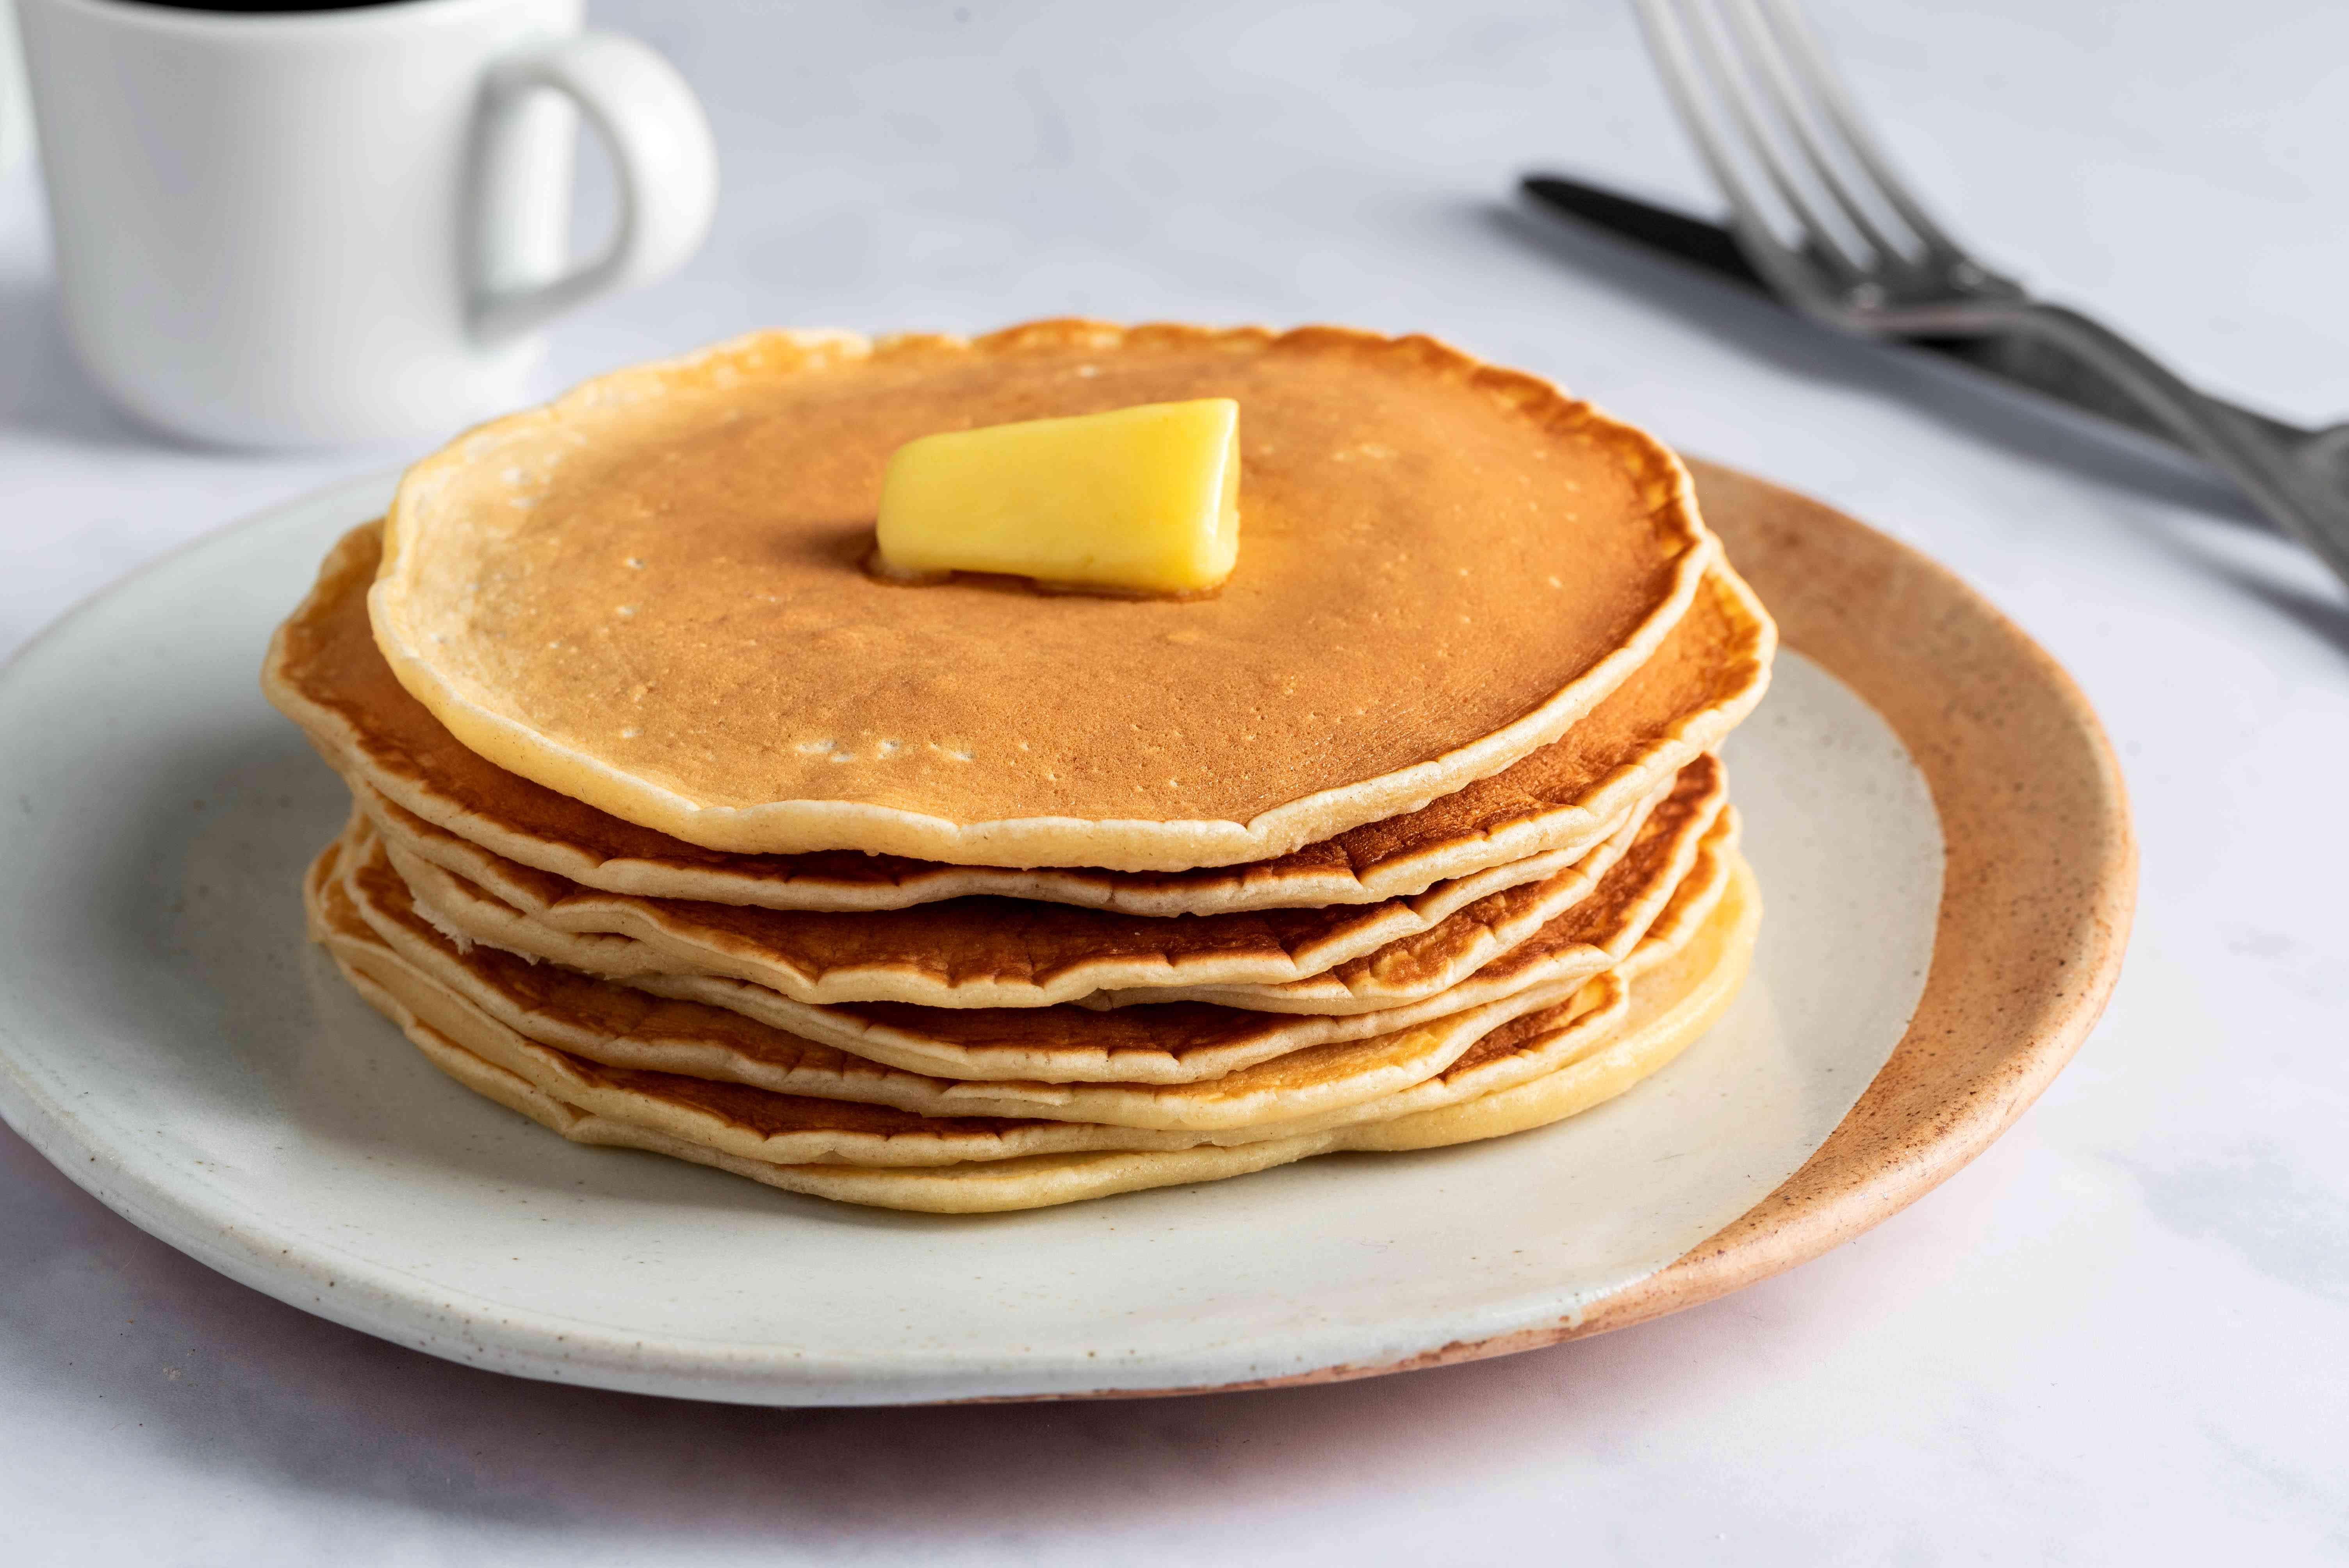 Basic Low-Fat Pancakes